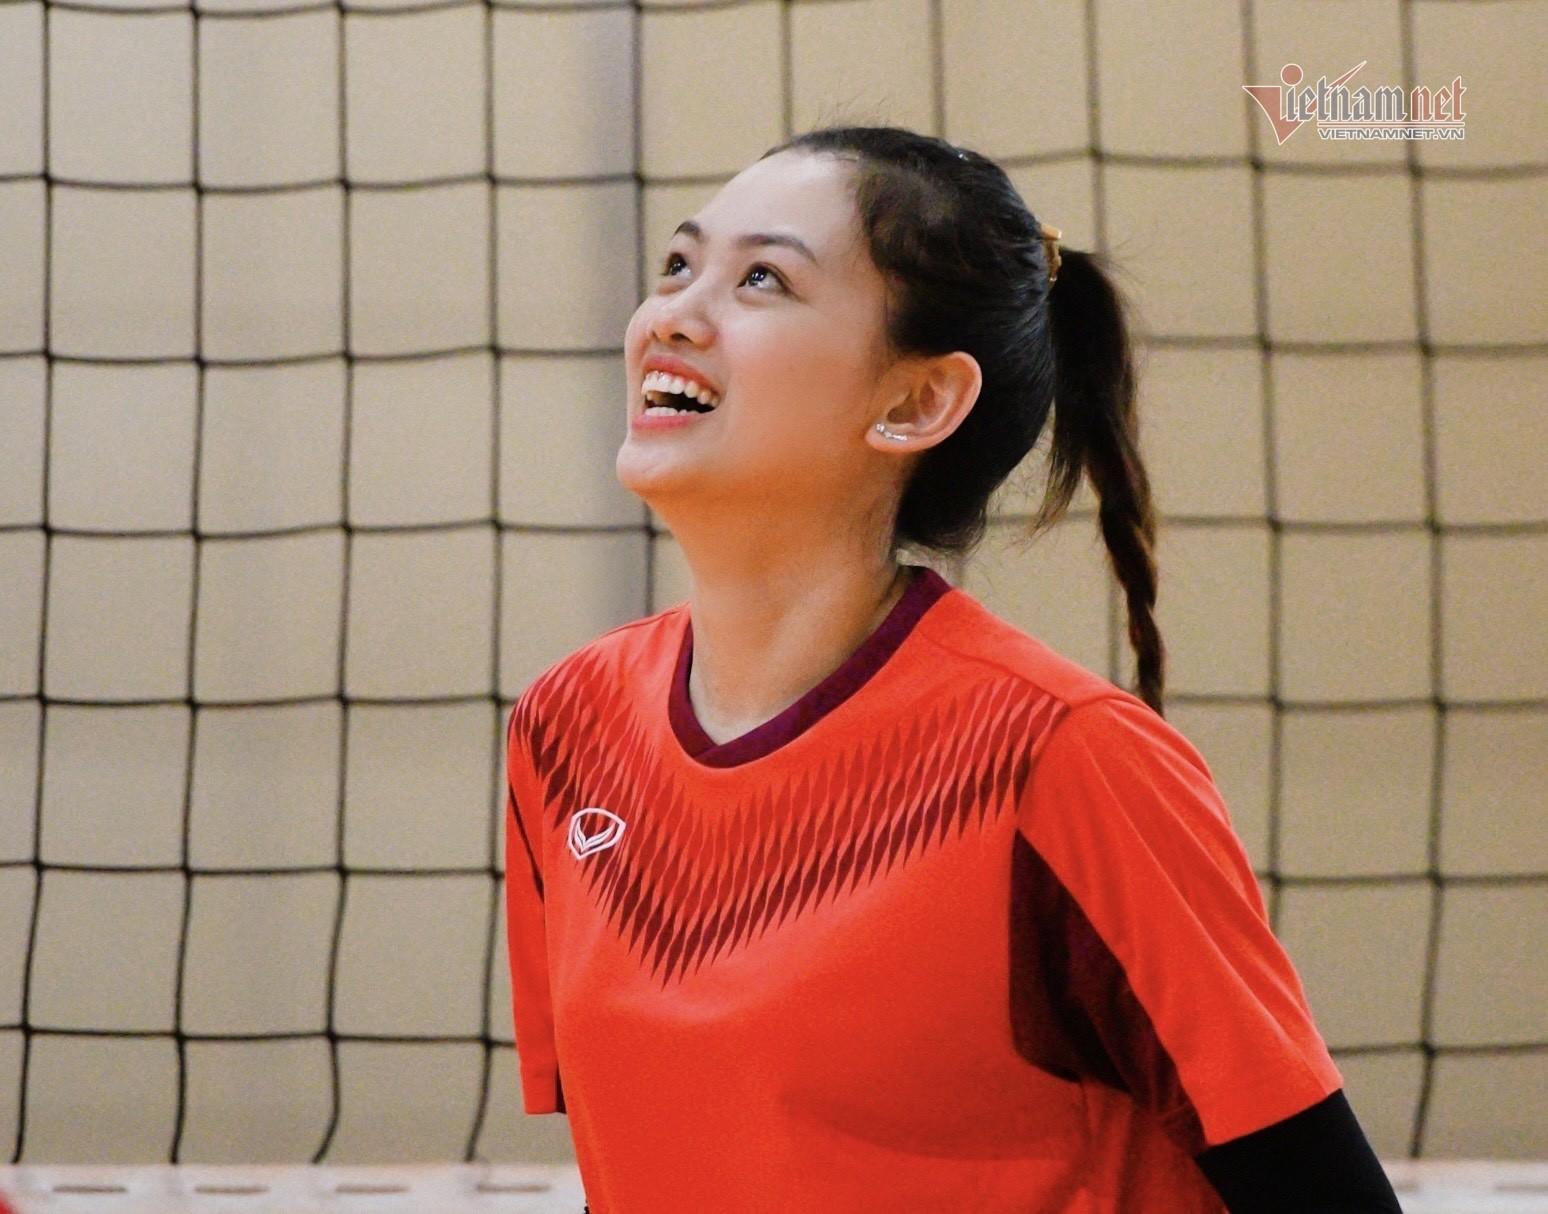 'Hoa khôi bóng chuyền' luyện tiếng Anh 2 tiếng mỗi ngày